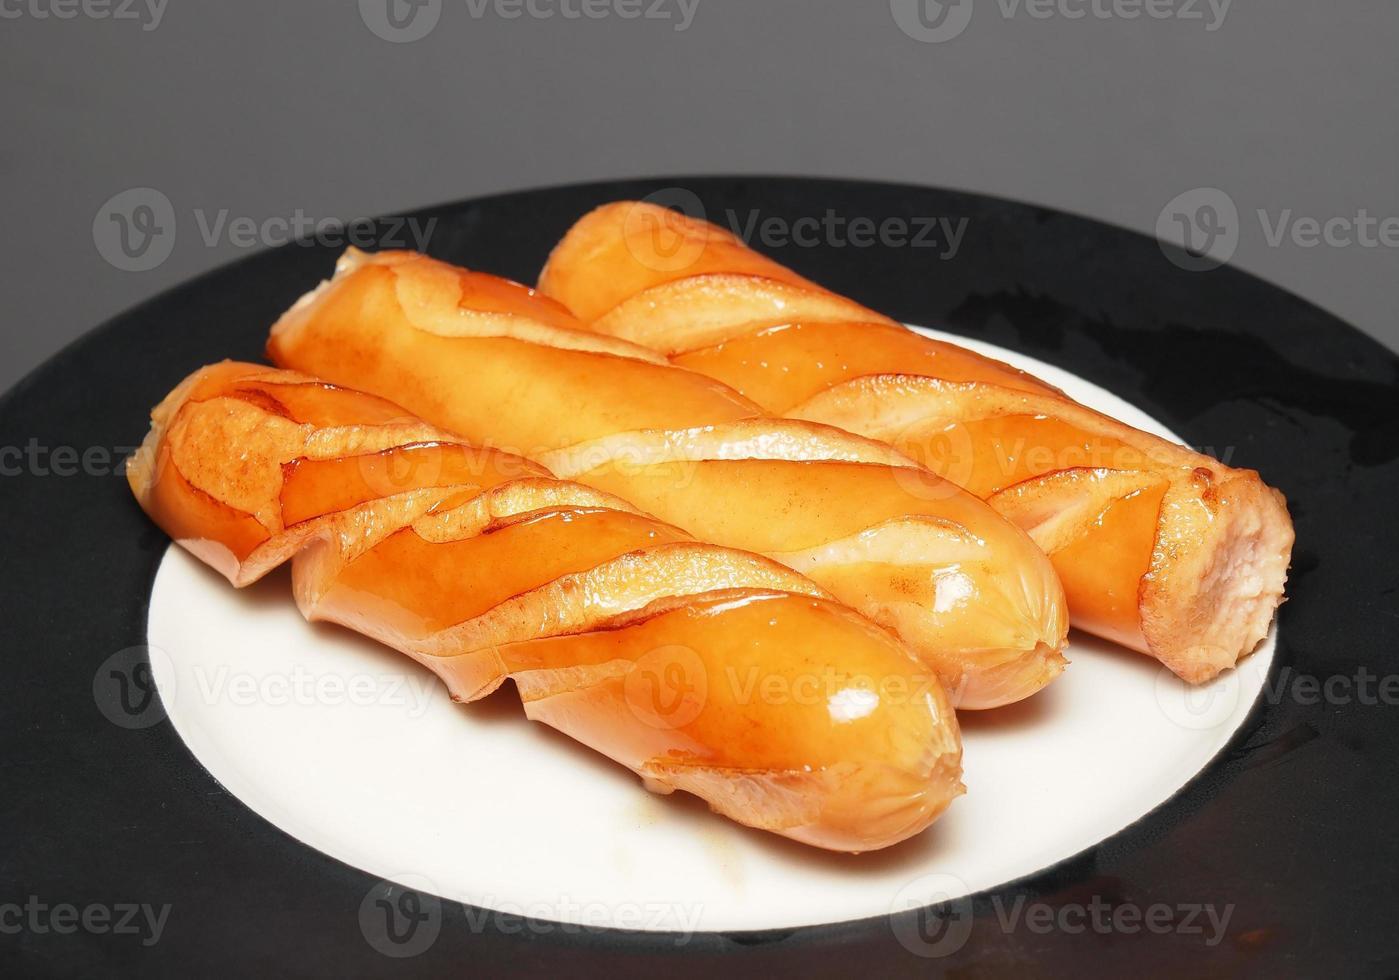 gebakken varkensworst hotdog foto